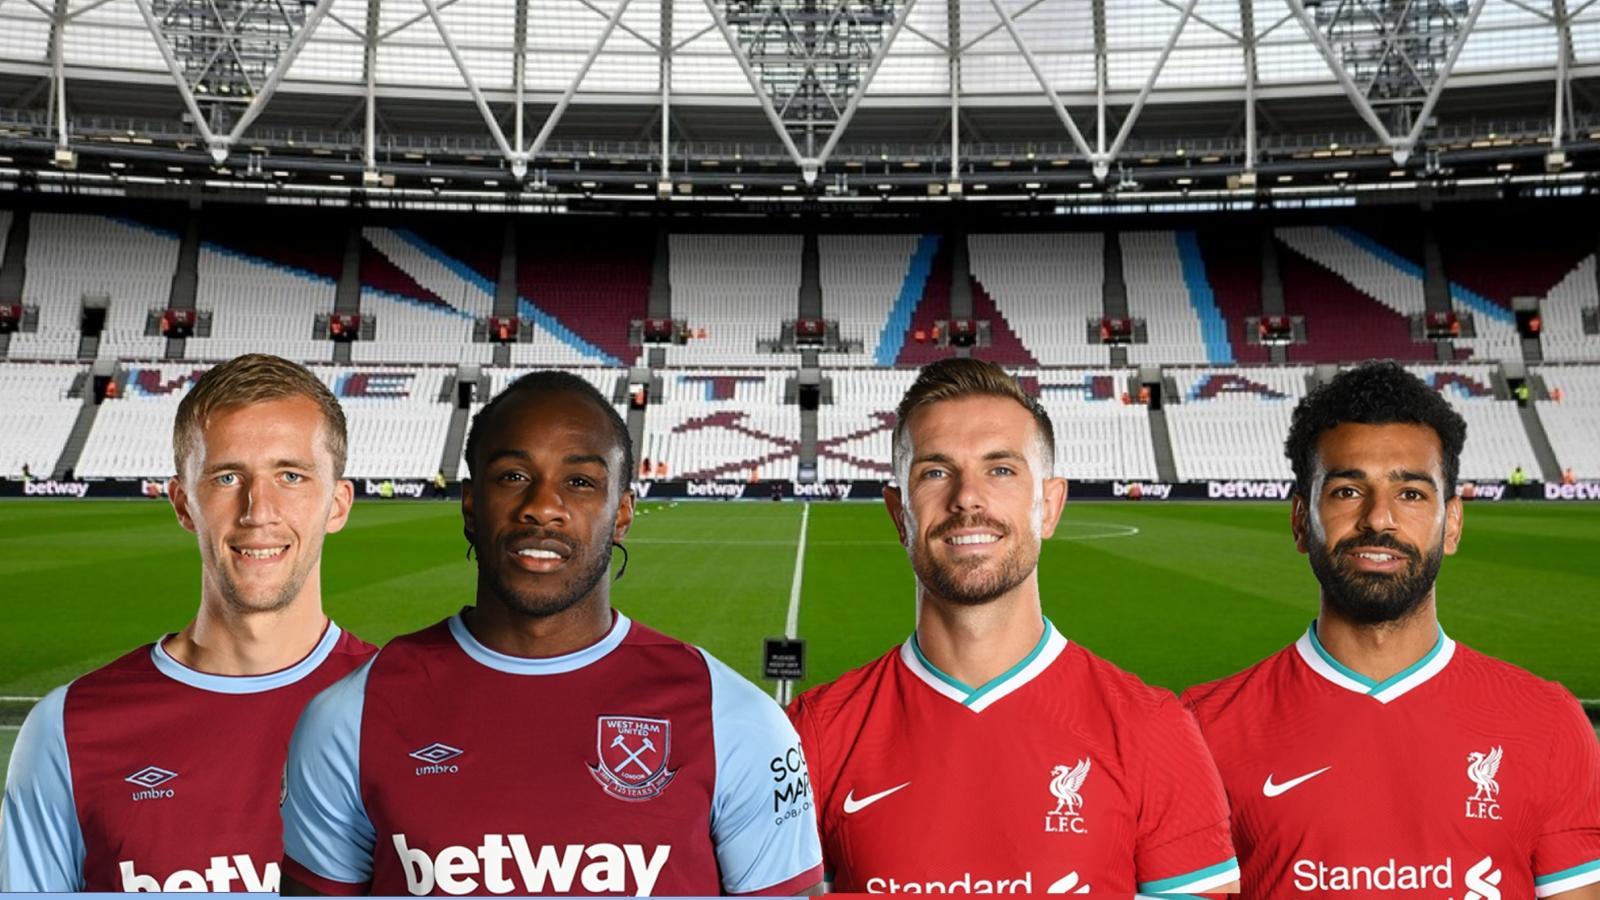 Dự đoán tỷ số, đội hình xuất phát trận West Ham - Liverpool